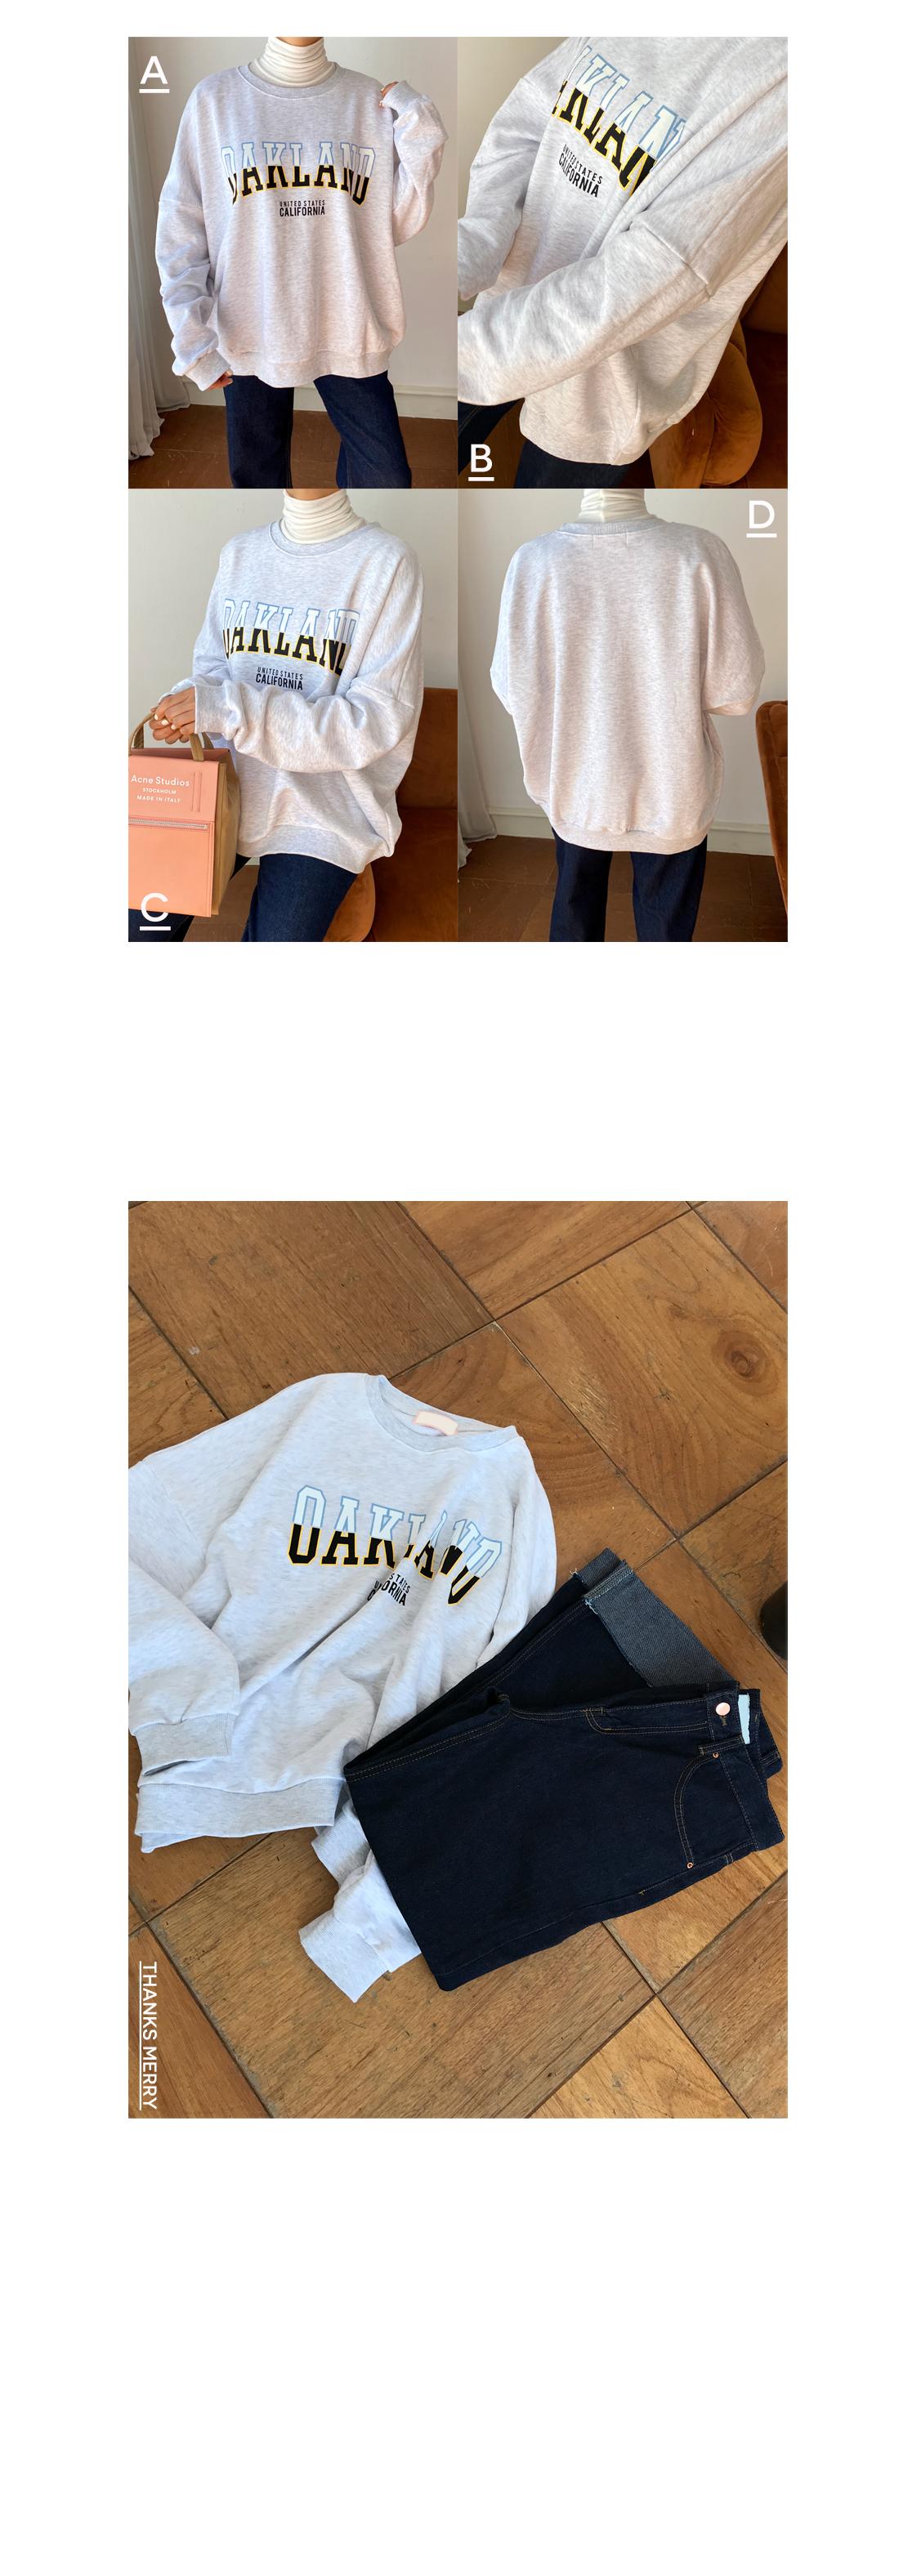 Auckland Overfit Sweatshirt